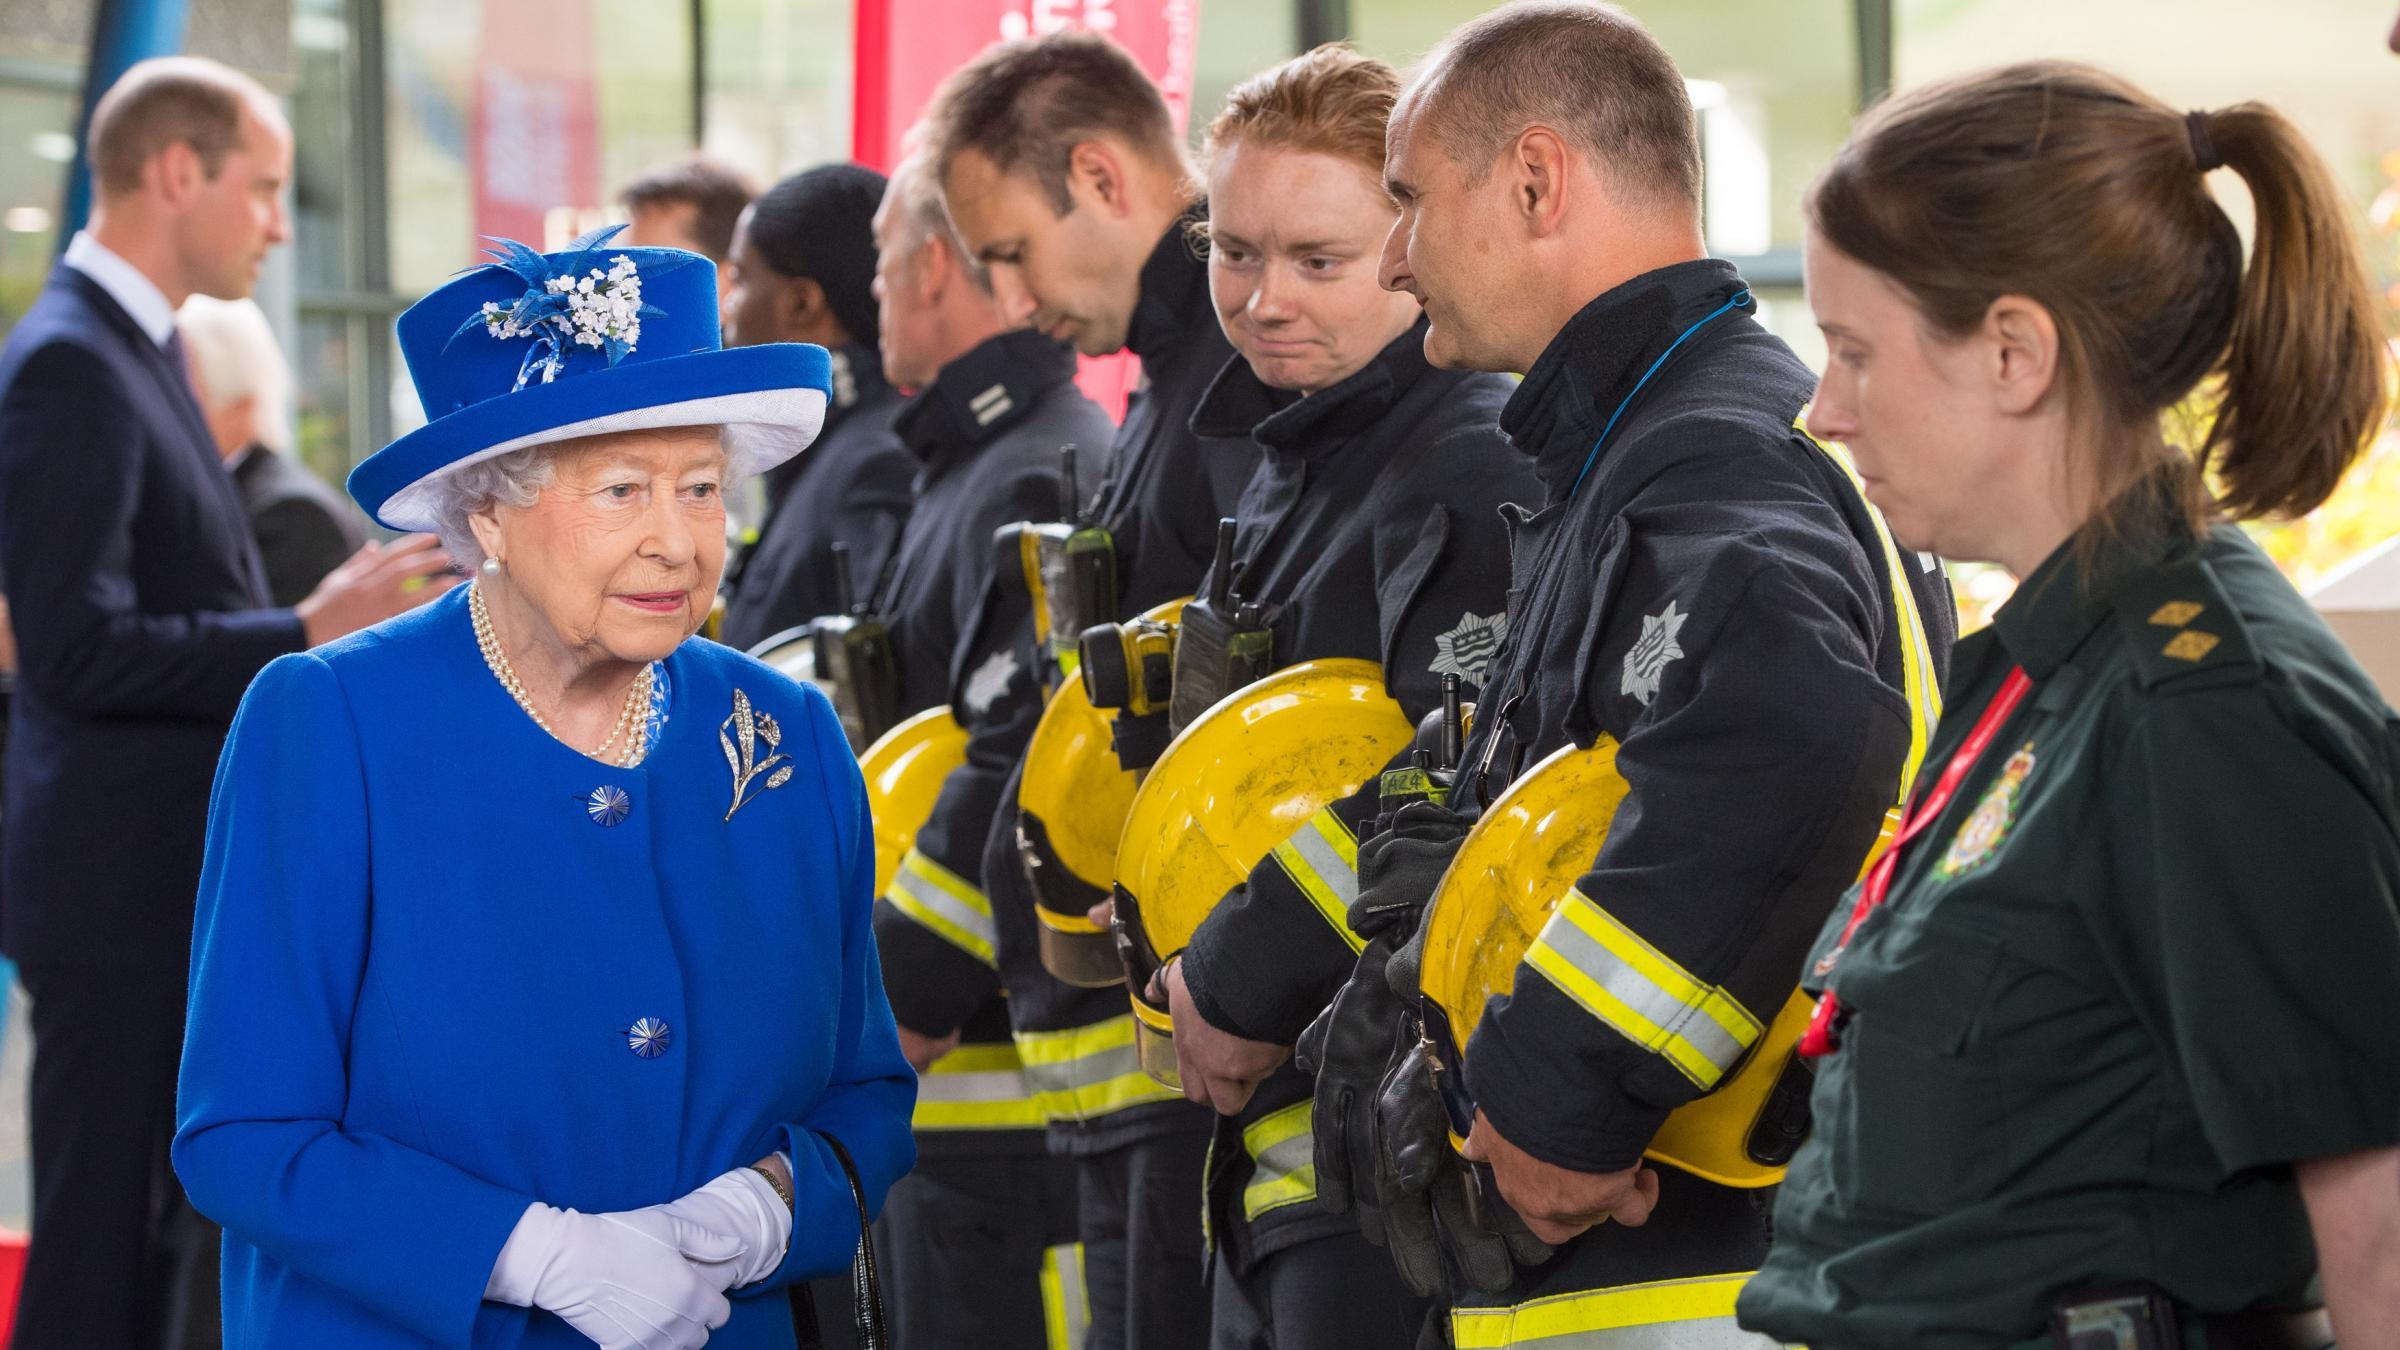 Queen's birthday message captures 'sombre national mood'